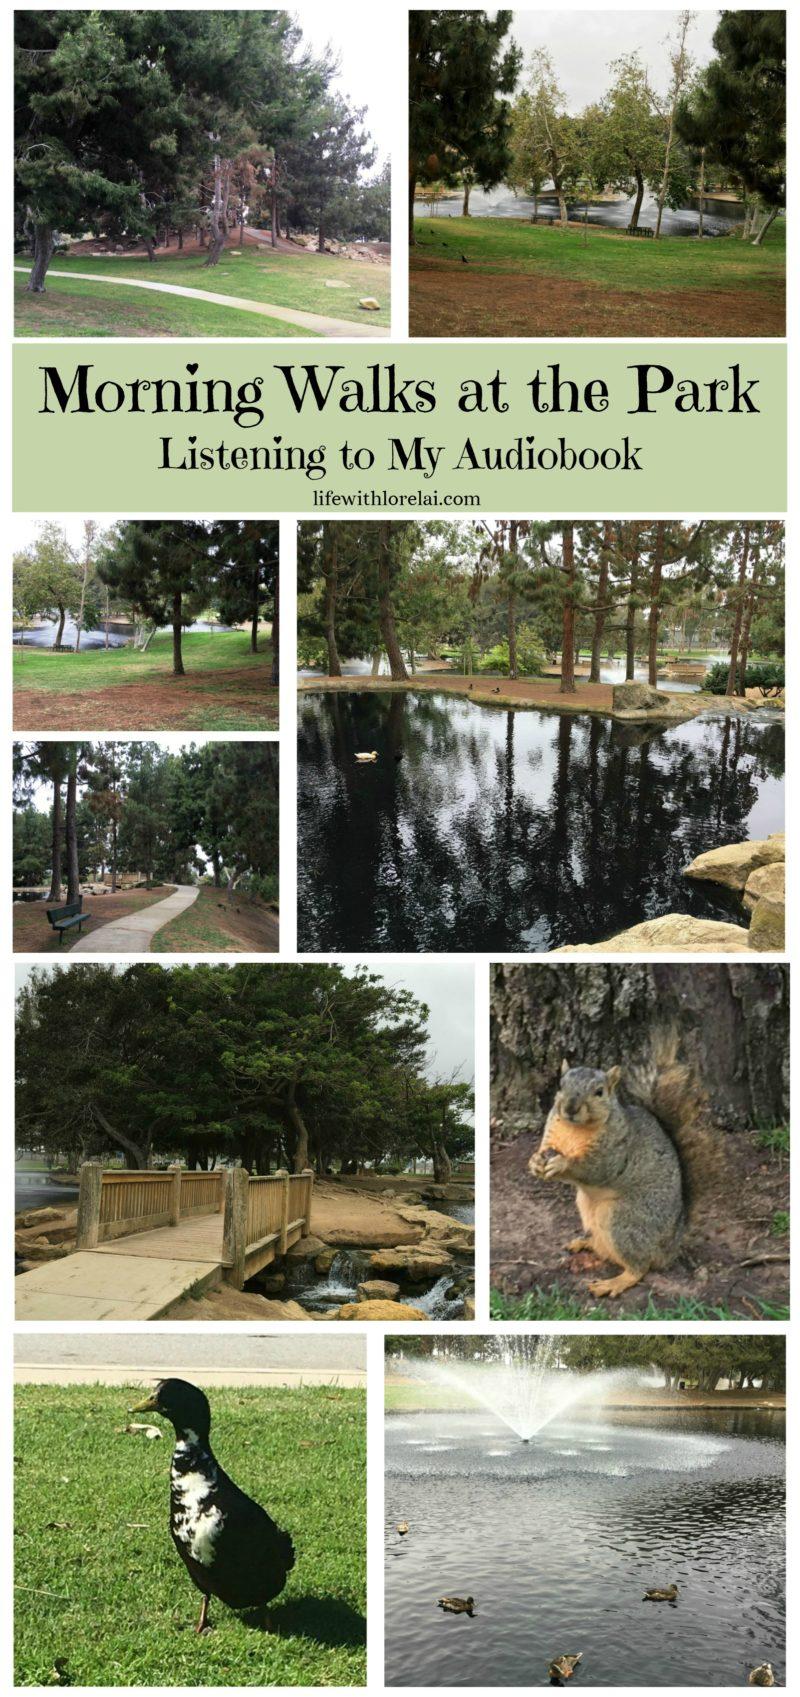 Morning-walk-routine-serenity-centrum-squirrel-duck-park